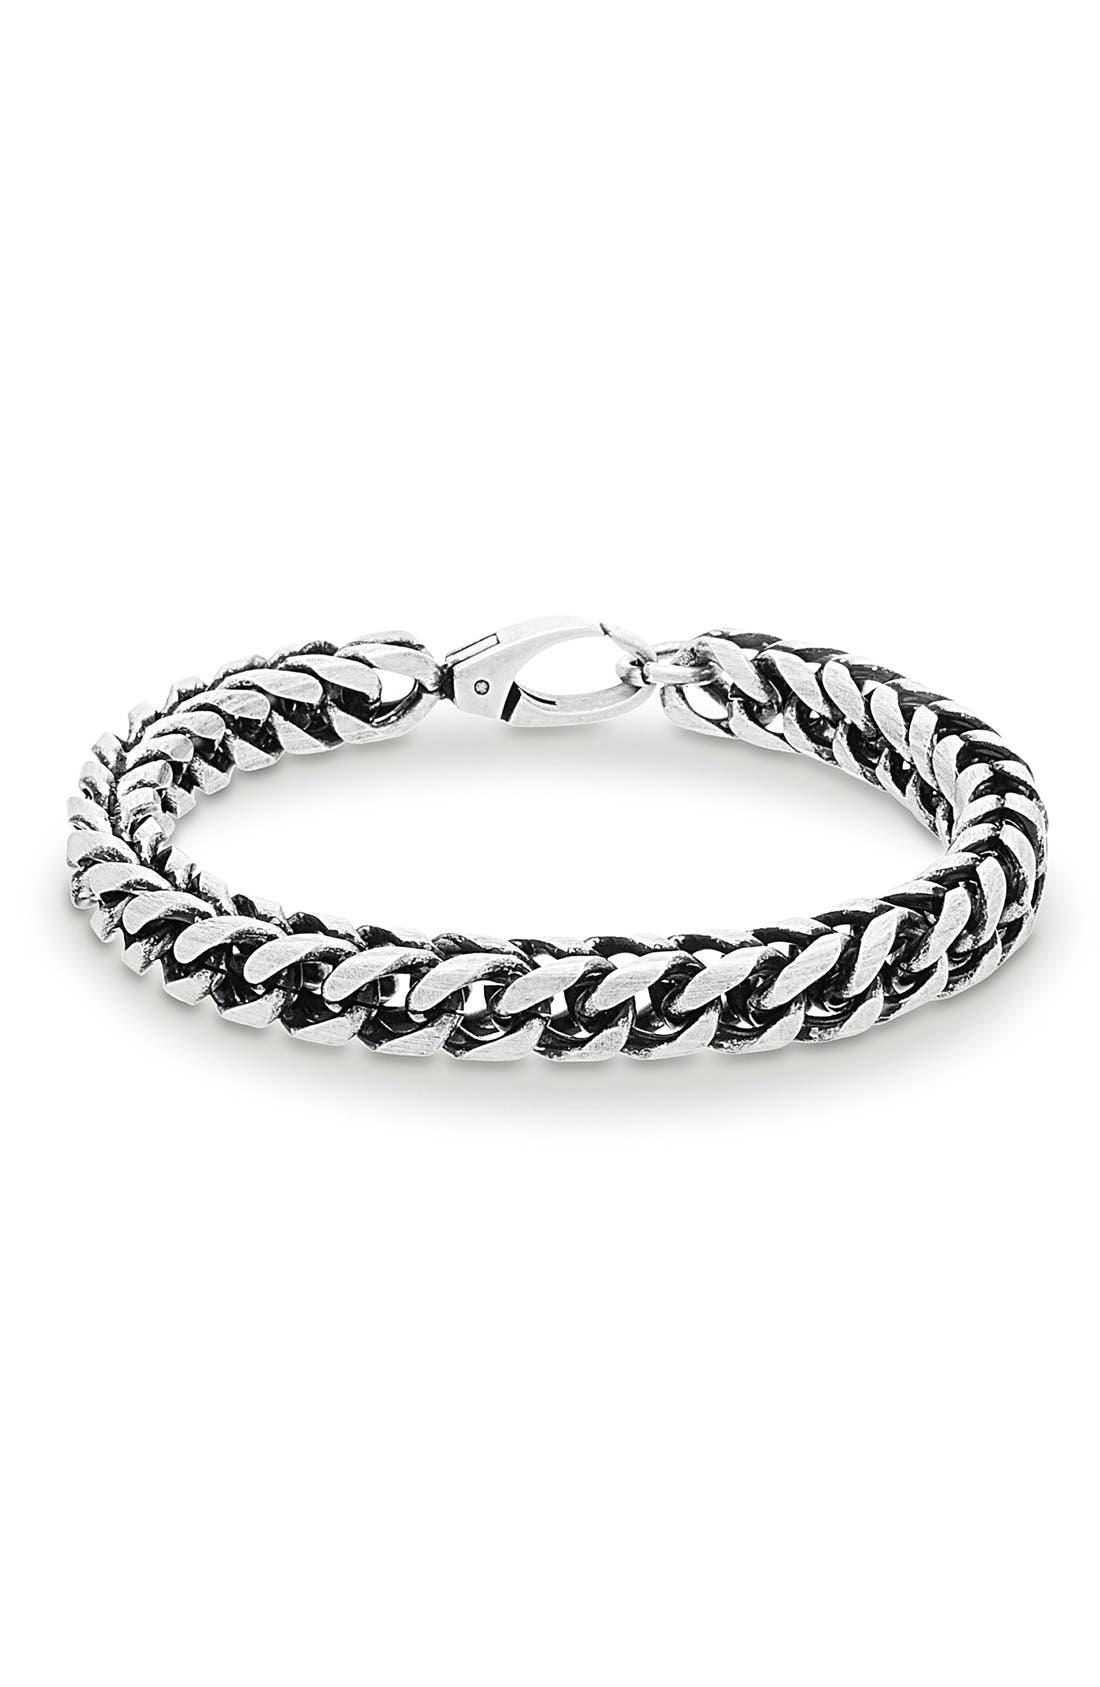 Steve Madden 'Franco' Chain Bracelet